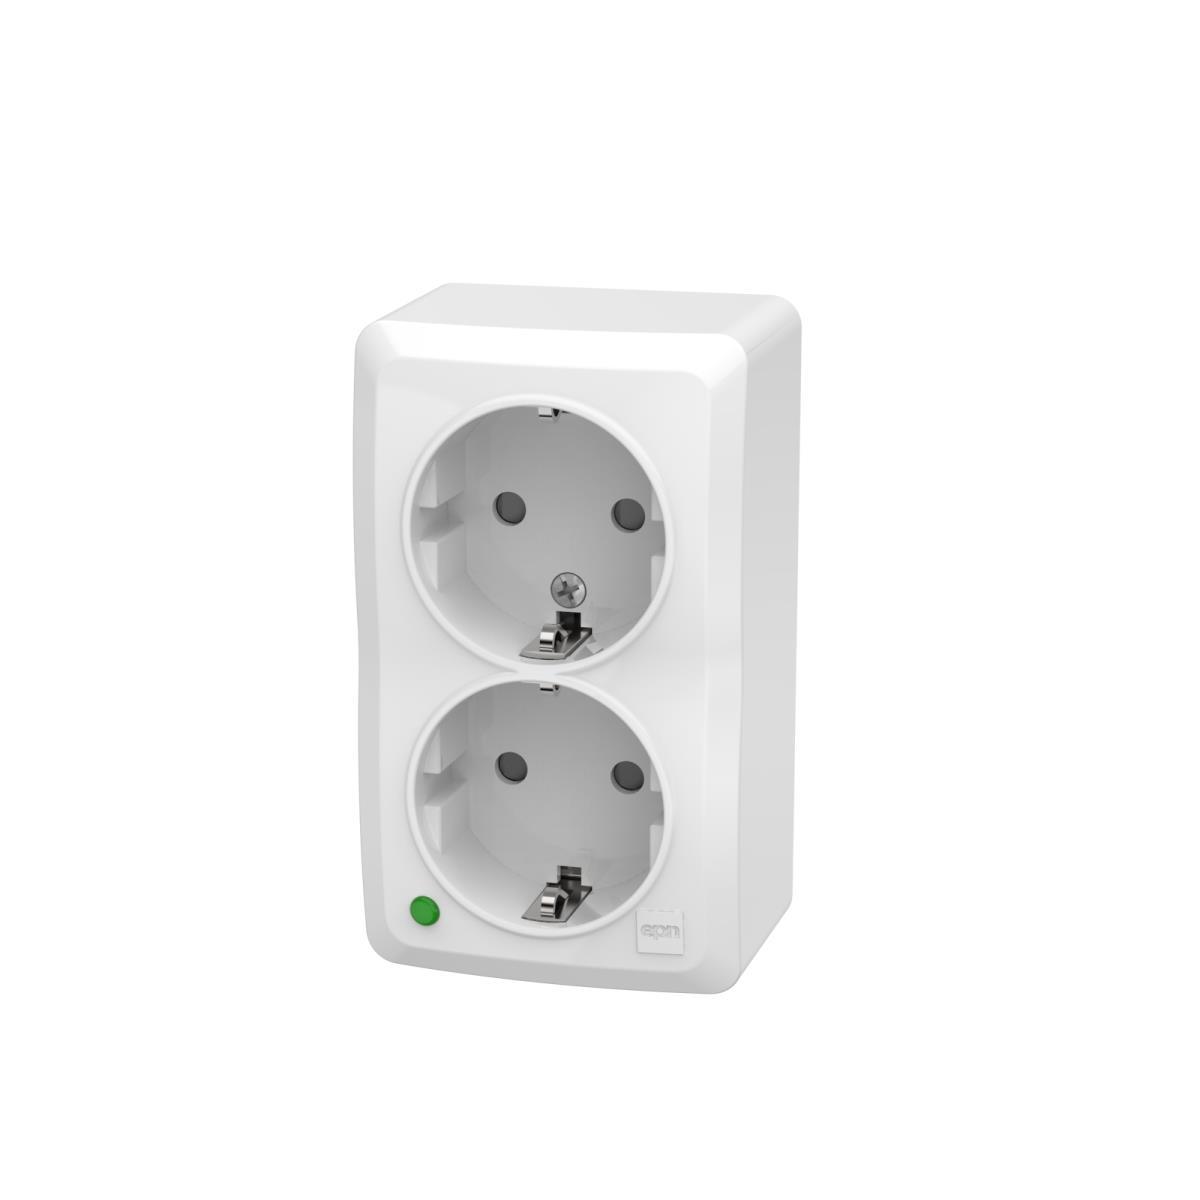 Aufputz Zweifach Schuko Steckdose IP20 16A 230V weiß serie BERG,EPN,3738-00, 5902431694894